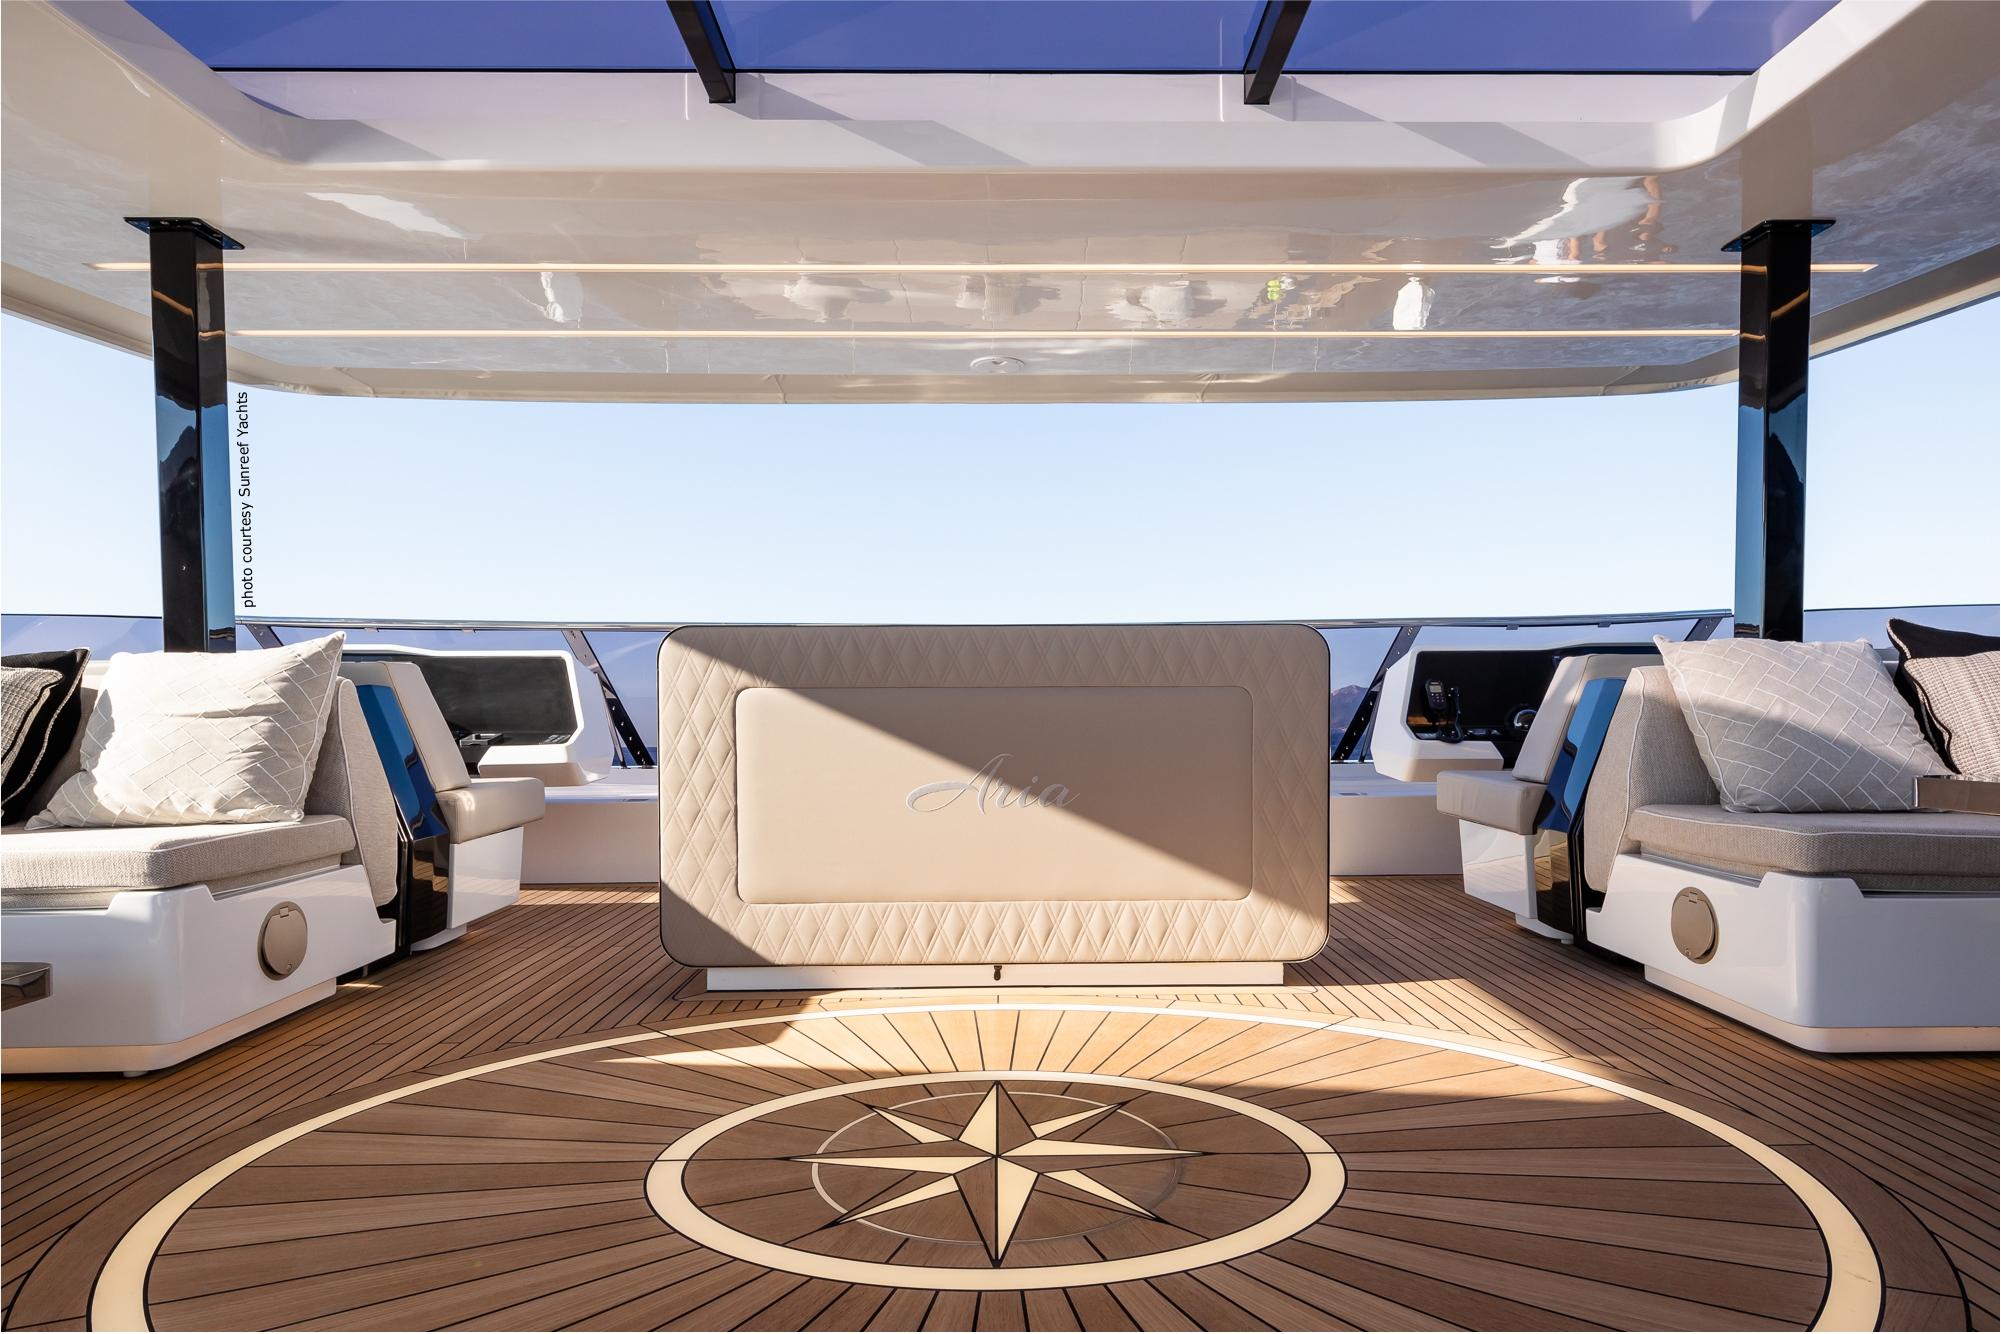 Beleuchtete Windose auf einer Sunreef 80 Yacht / gesehen in auf den diesjährigen Boatshows in Cannes und Monaco